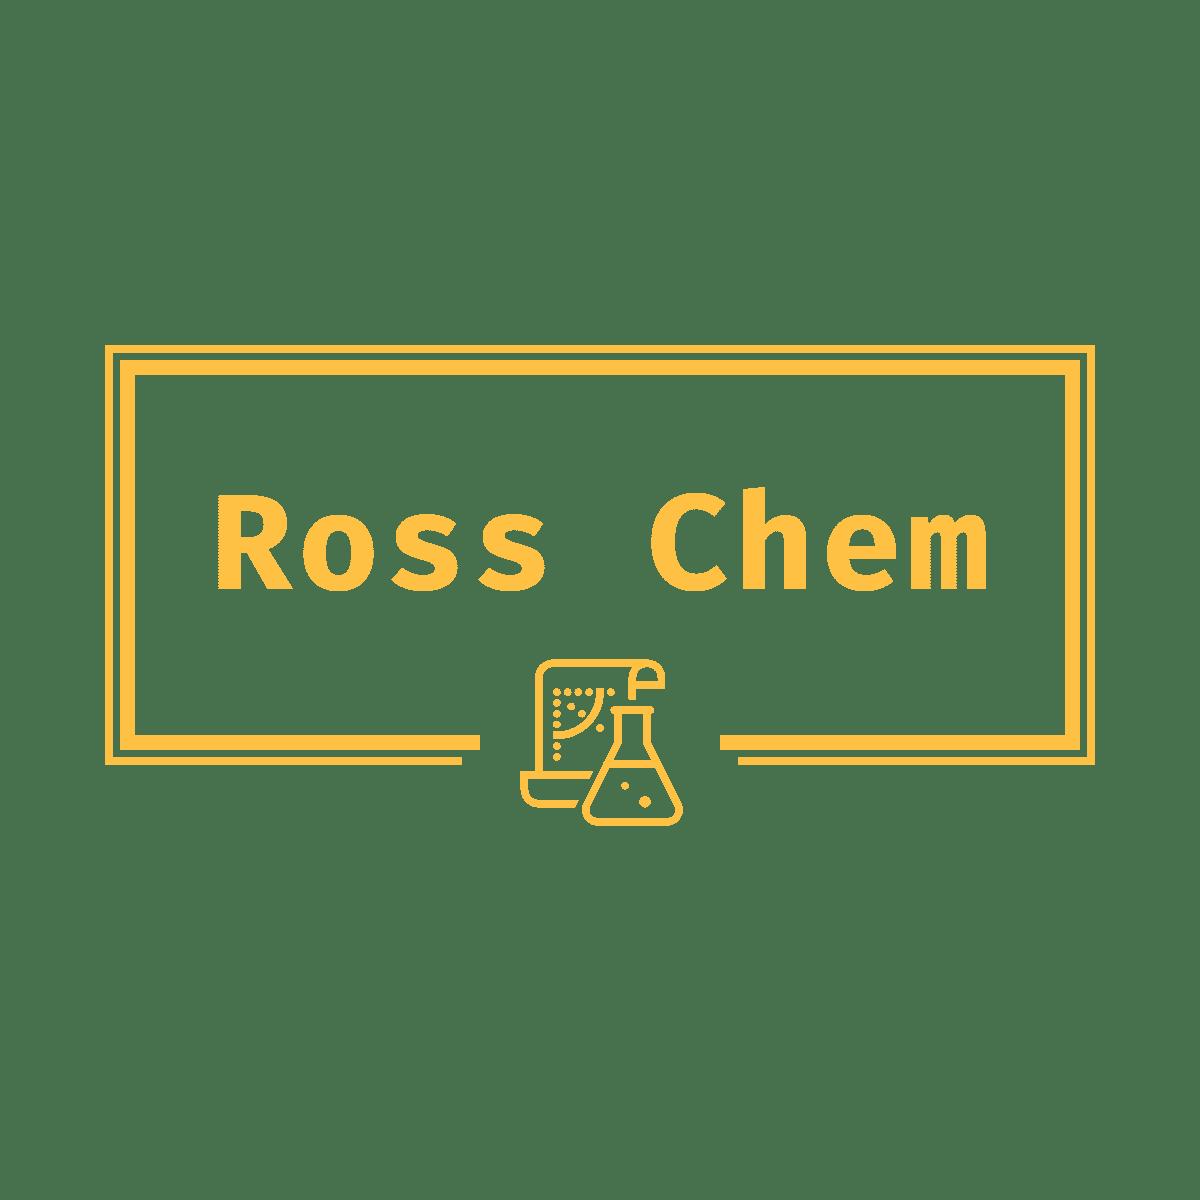 Ross Chem